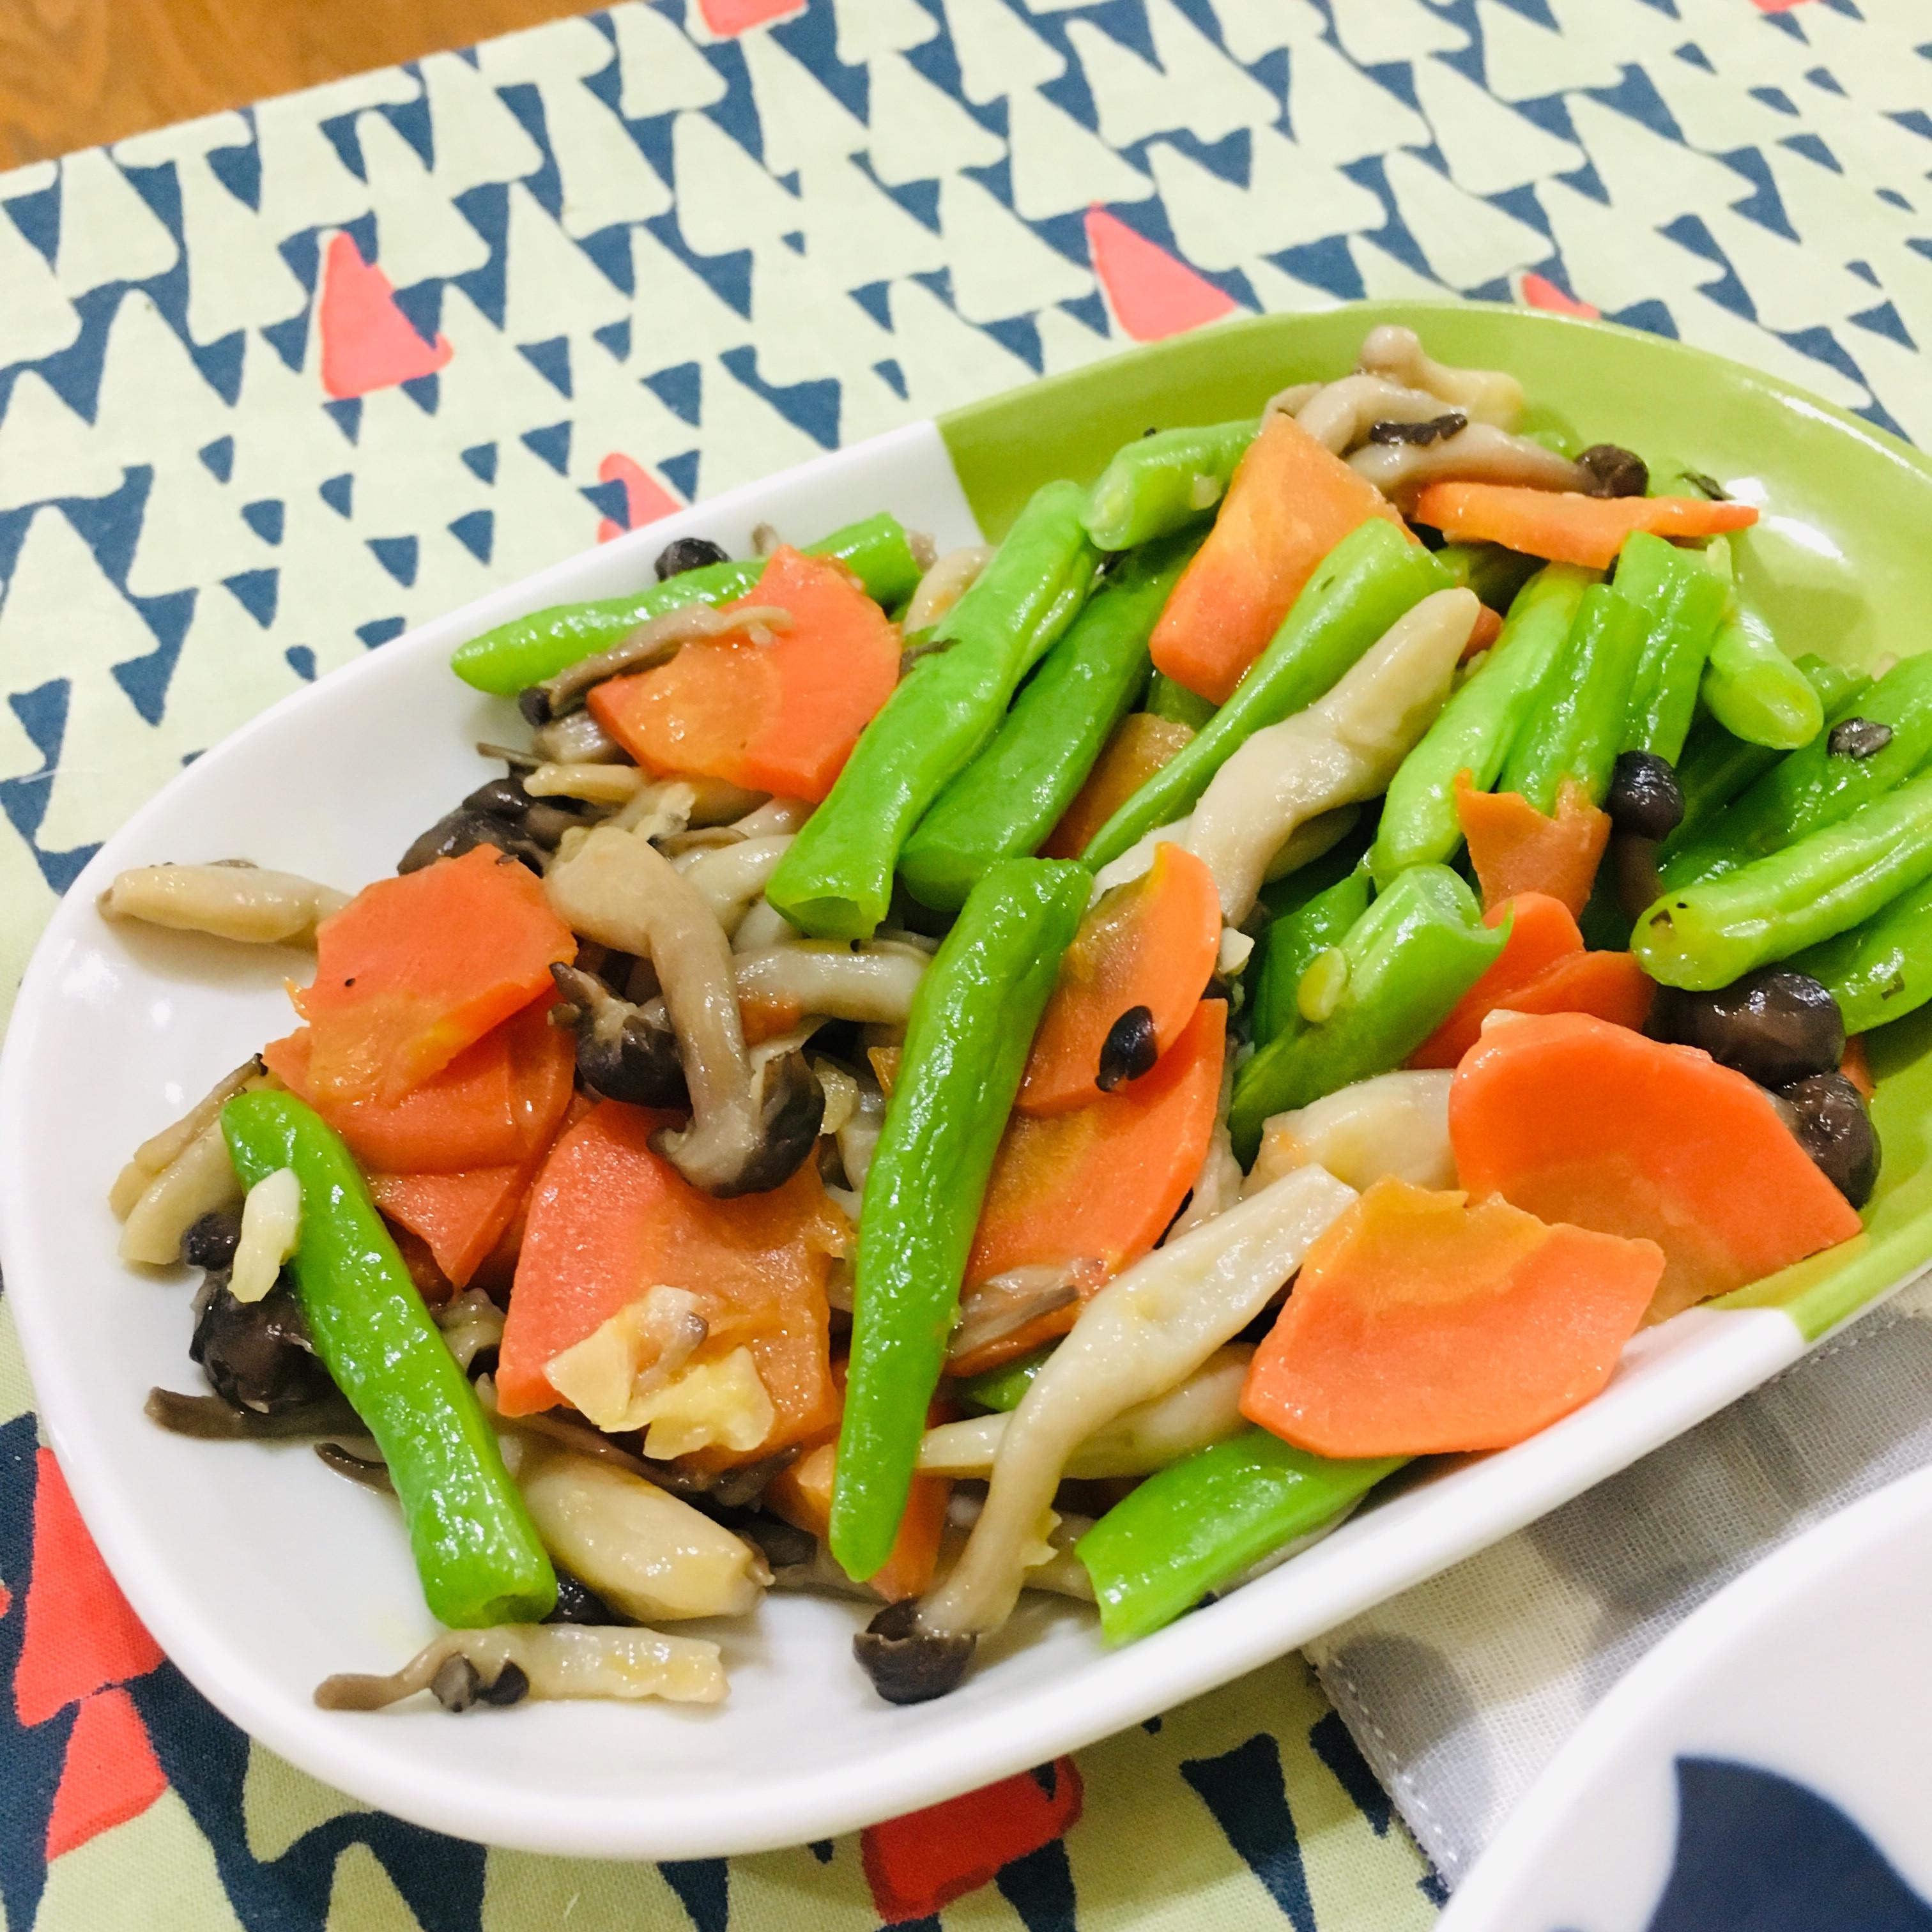 美味菇菇炒鮮蔬